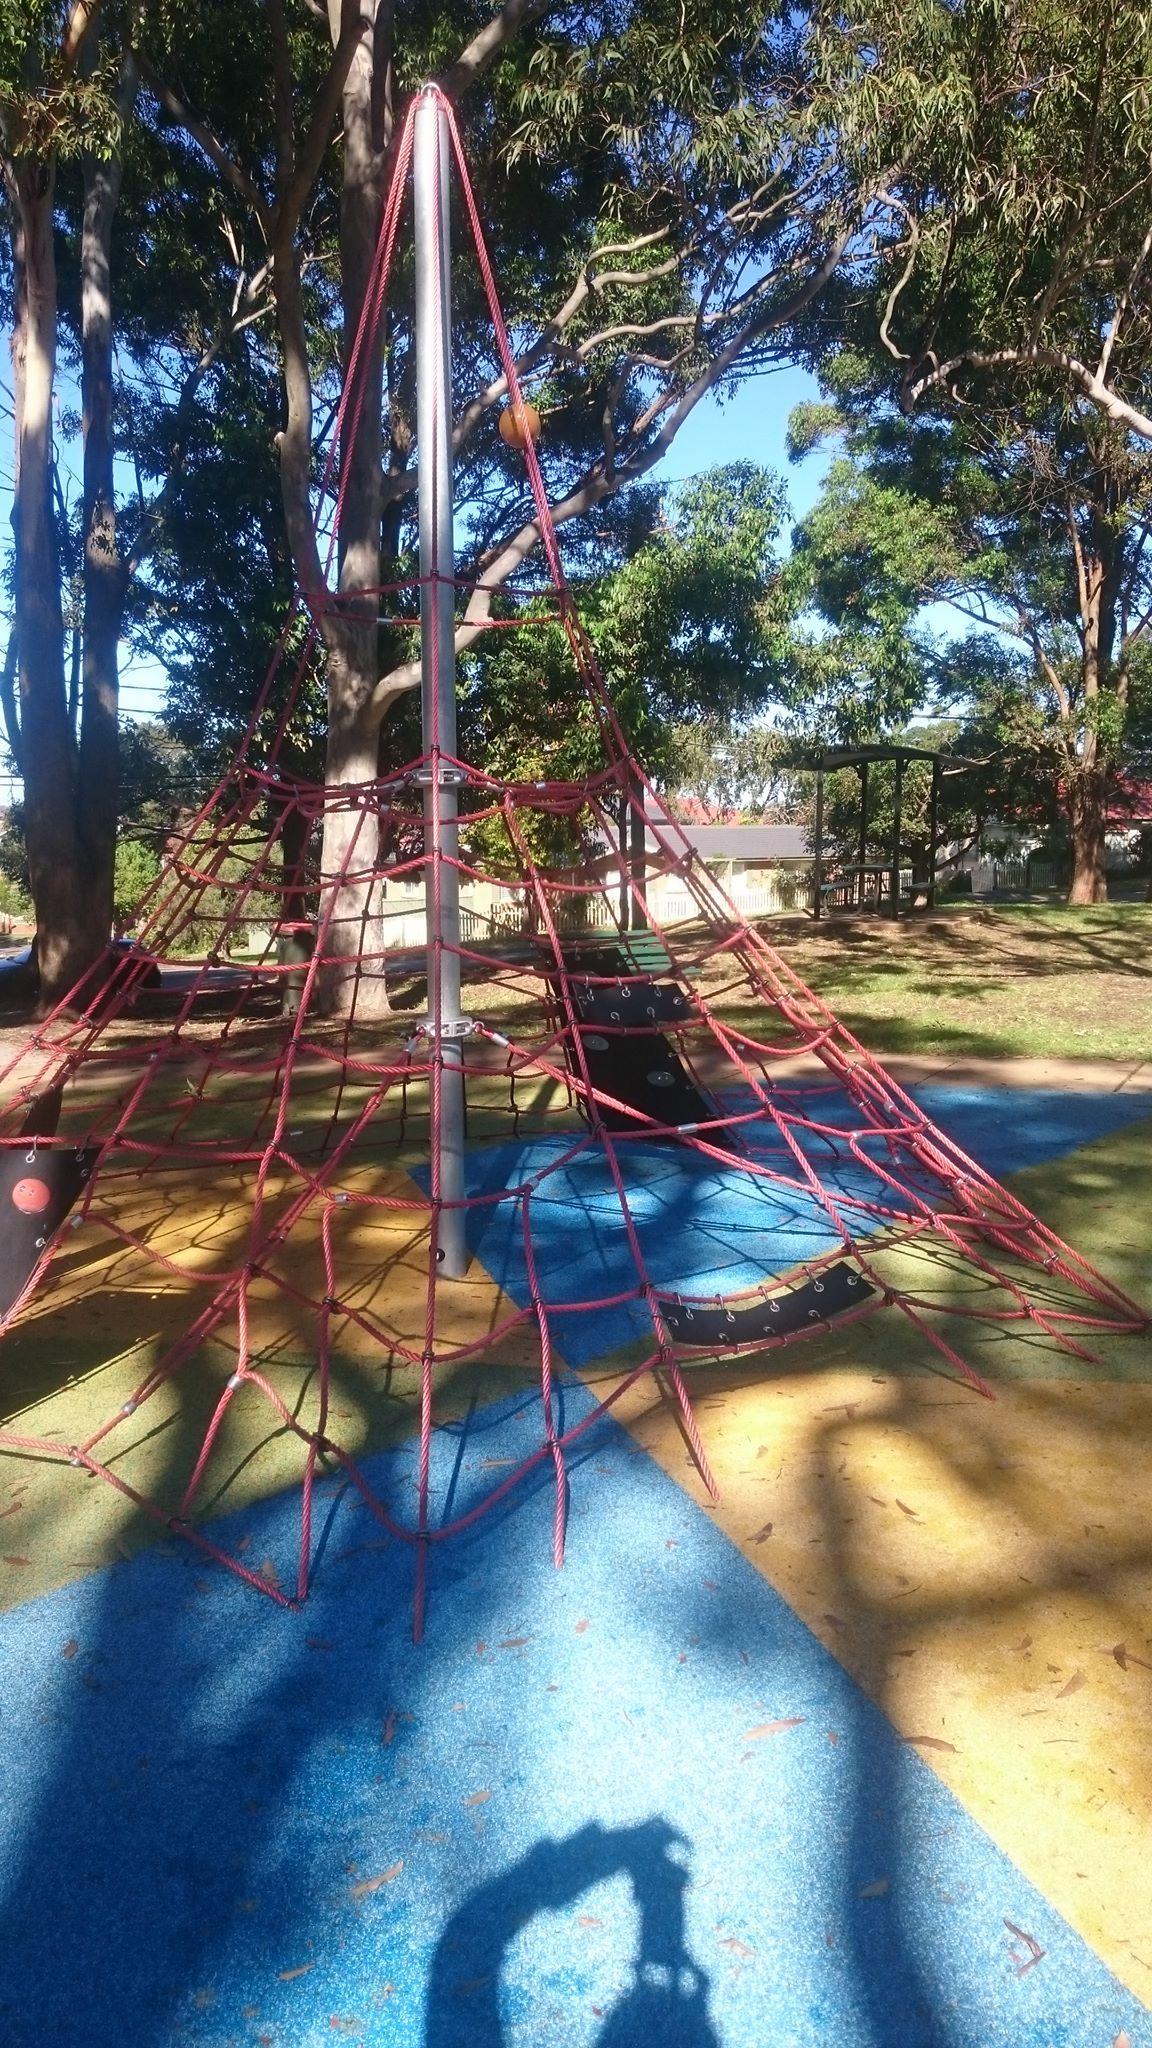 Loftus Square Park